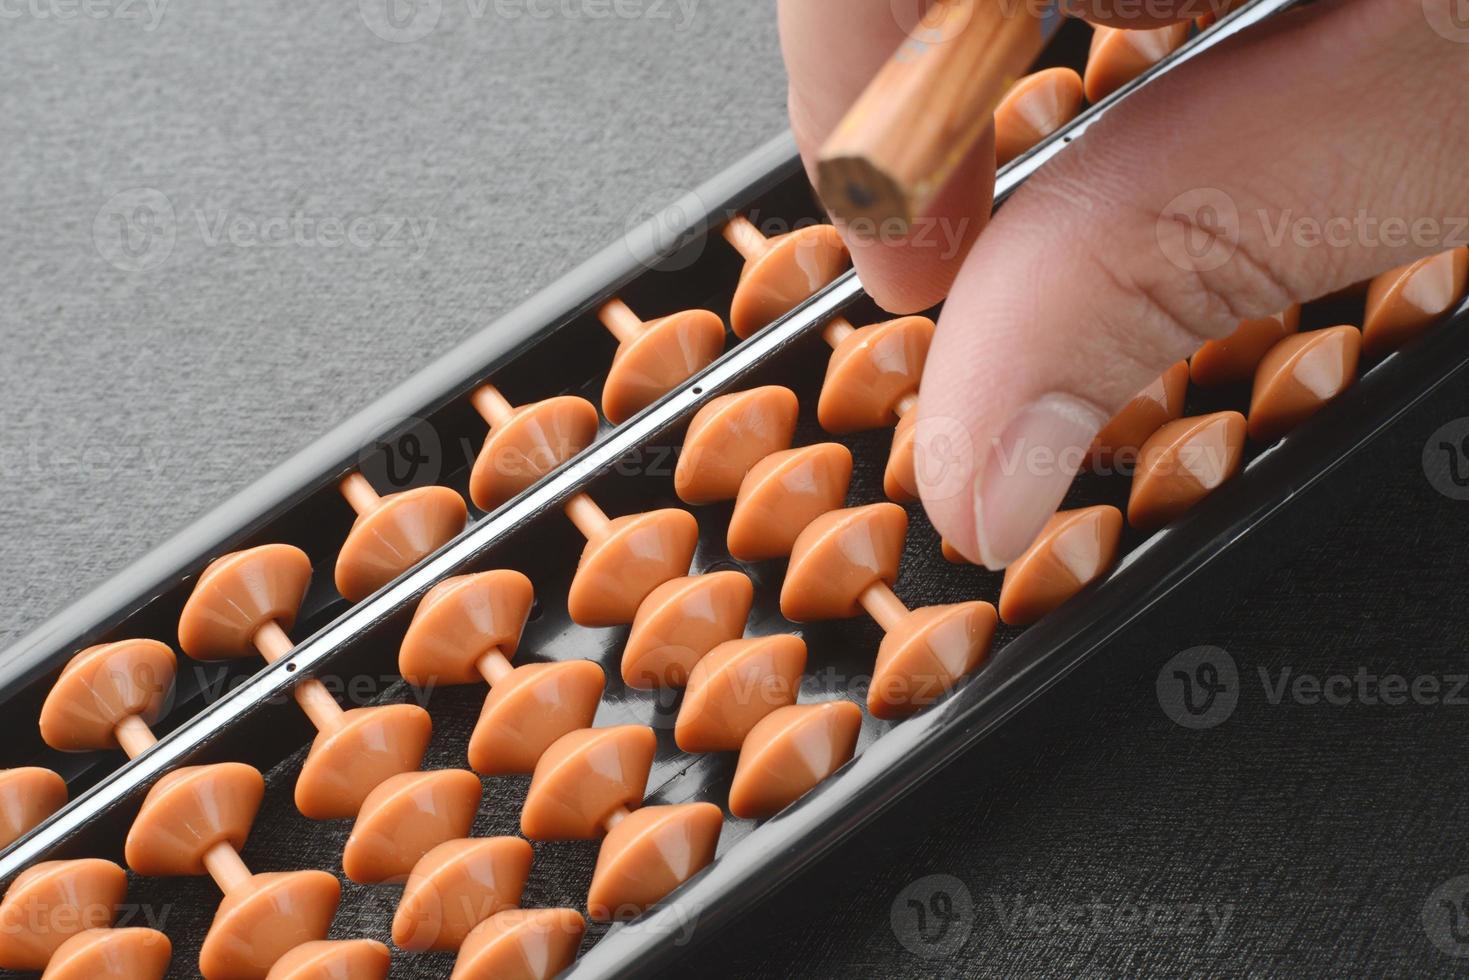 Using Japanese abacus photo